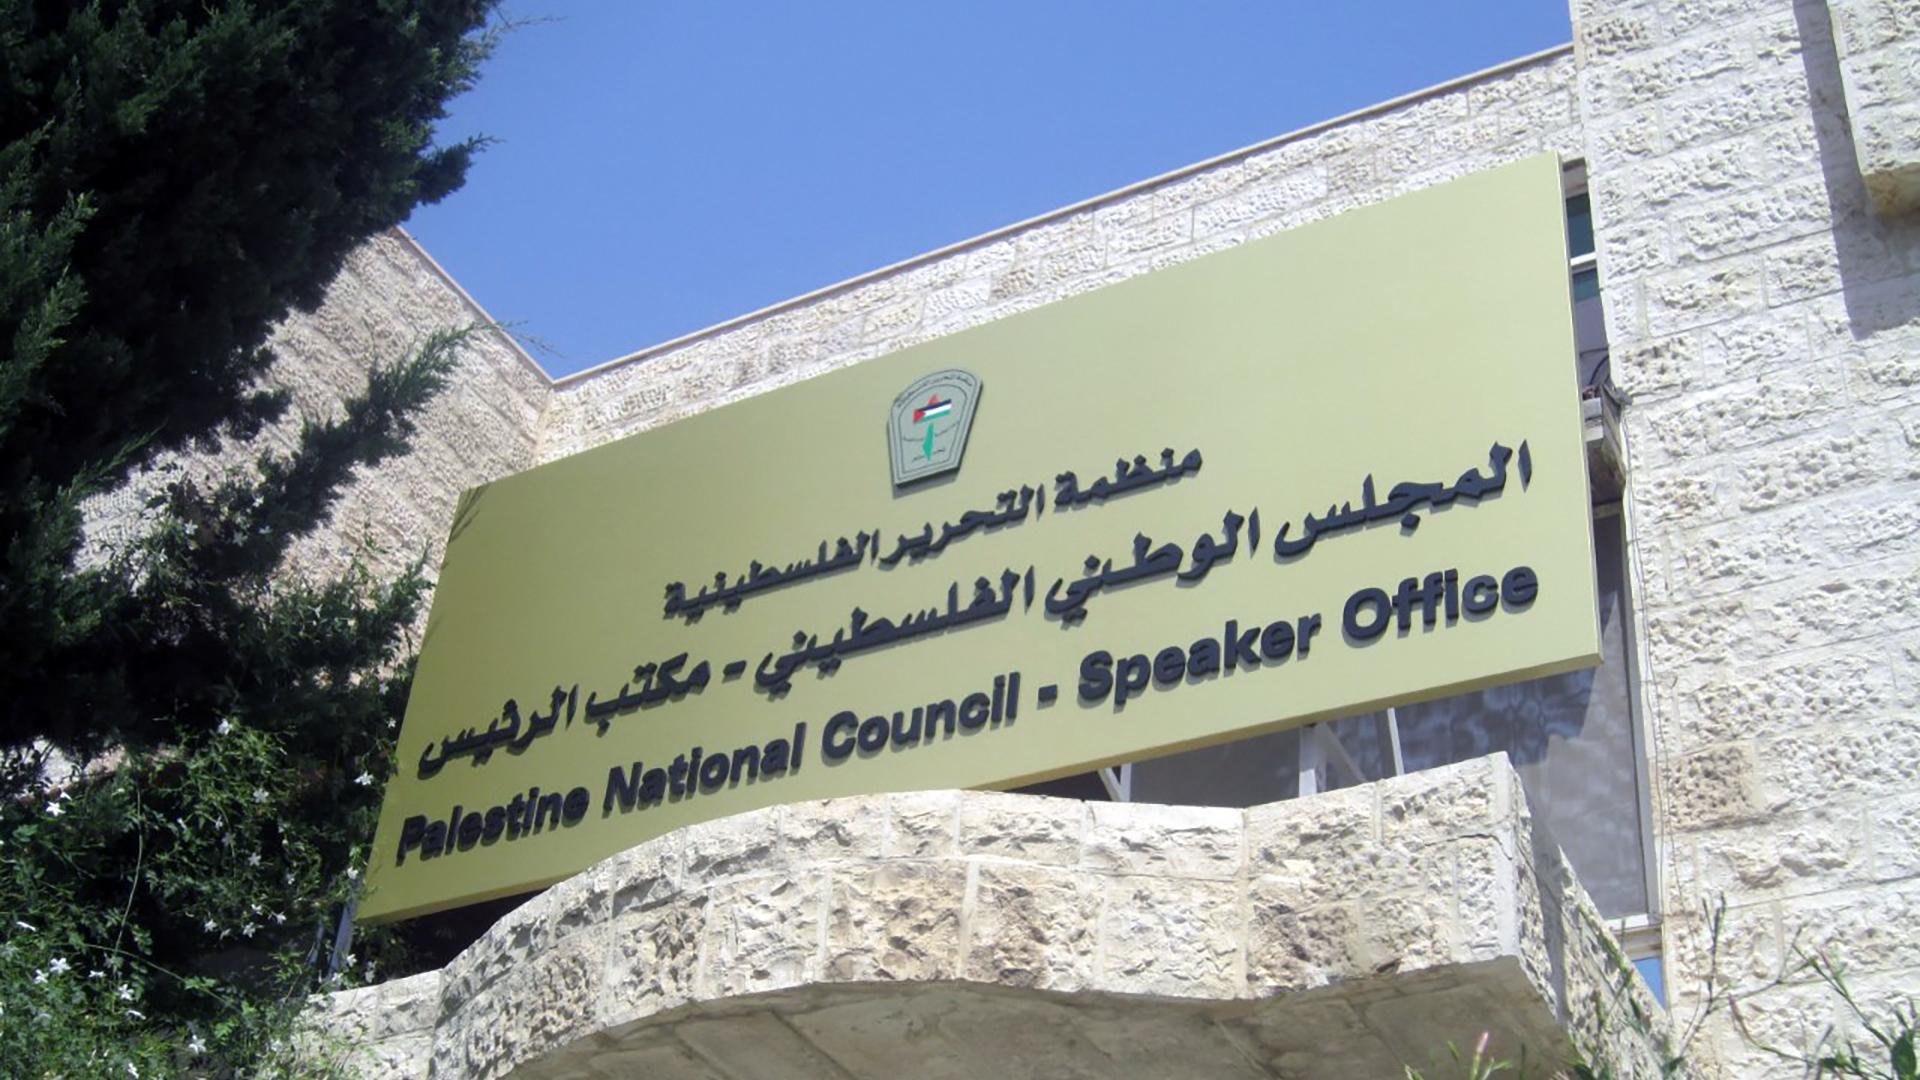 Le CNP: La Décision de la Cour Pénale Internationale Marque le Début de la Justice pour les Palestinien